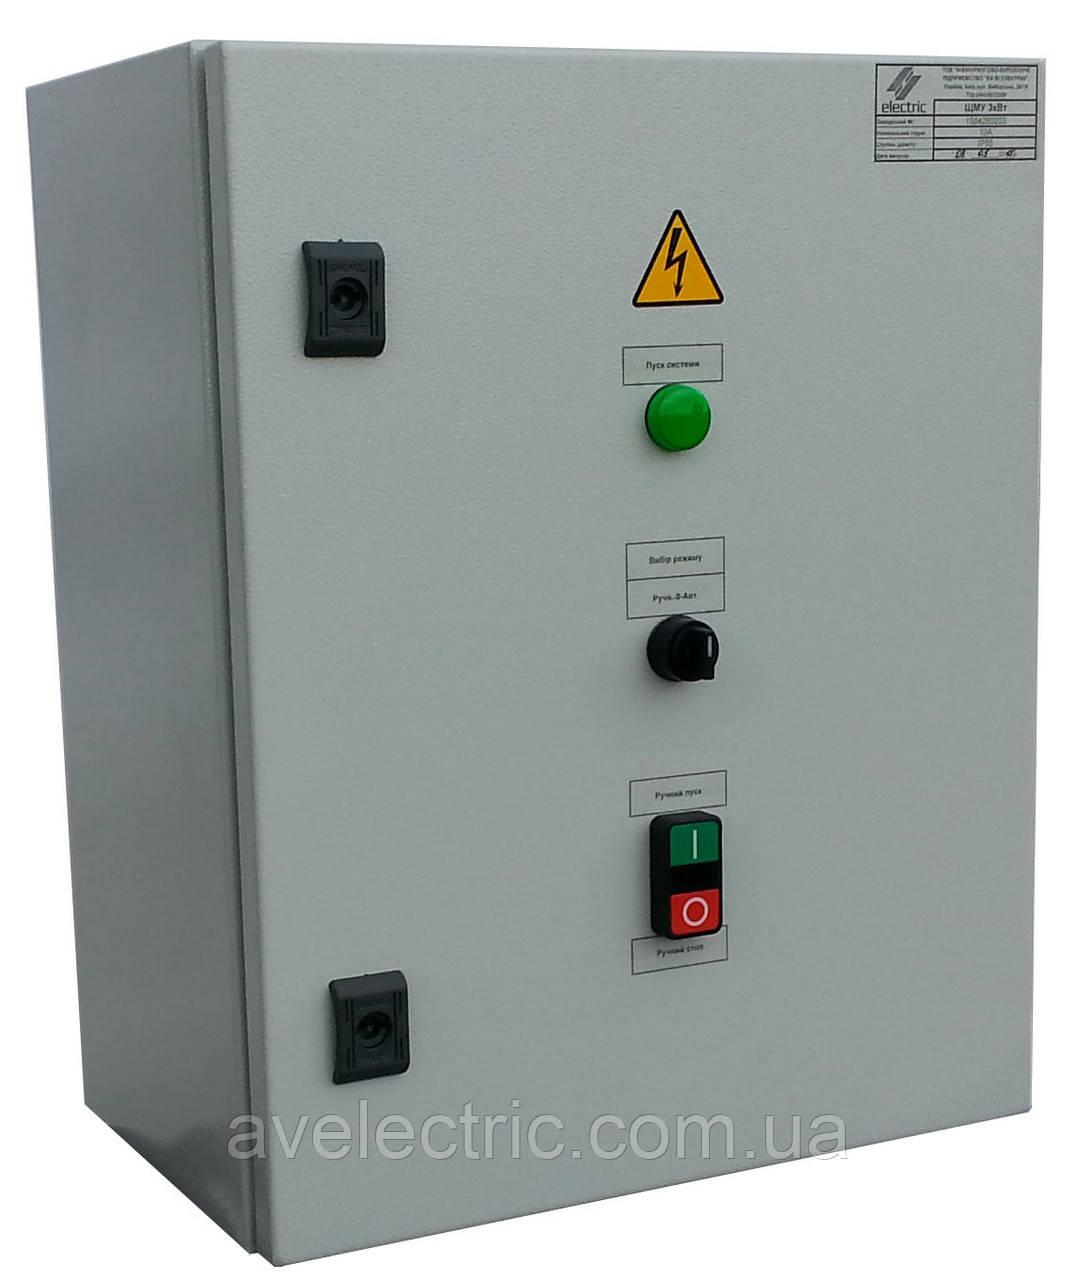 Ящик управления электродвигателем Я5114-2674-54У3